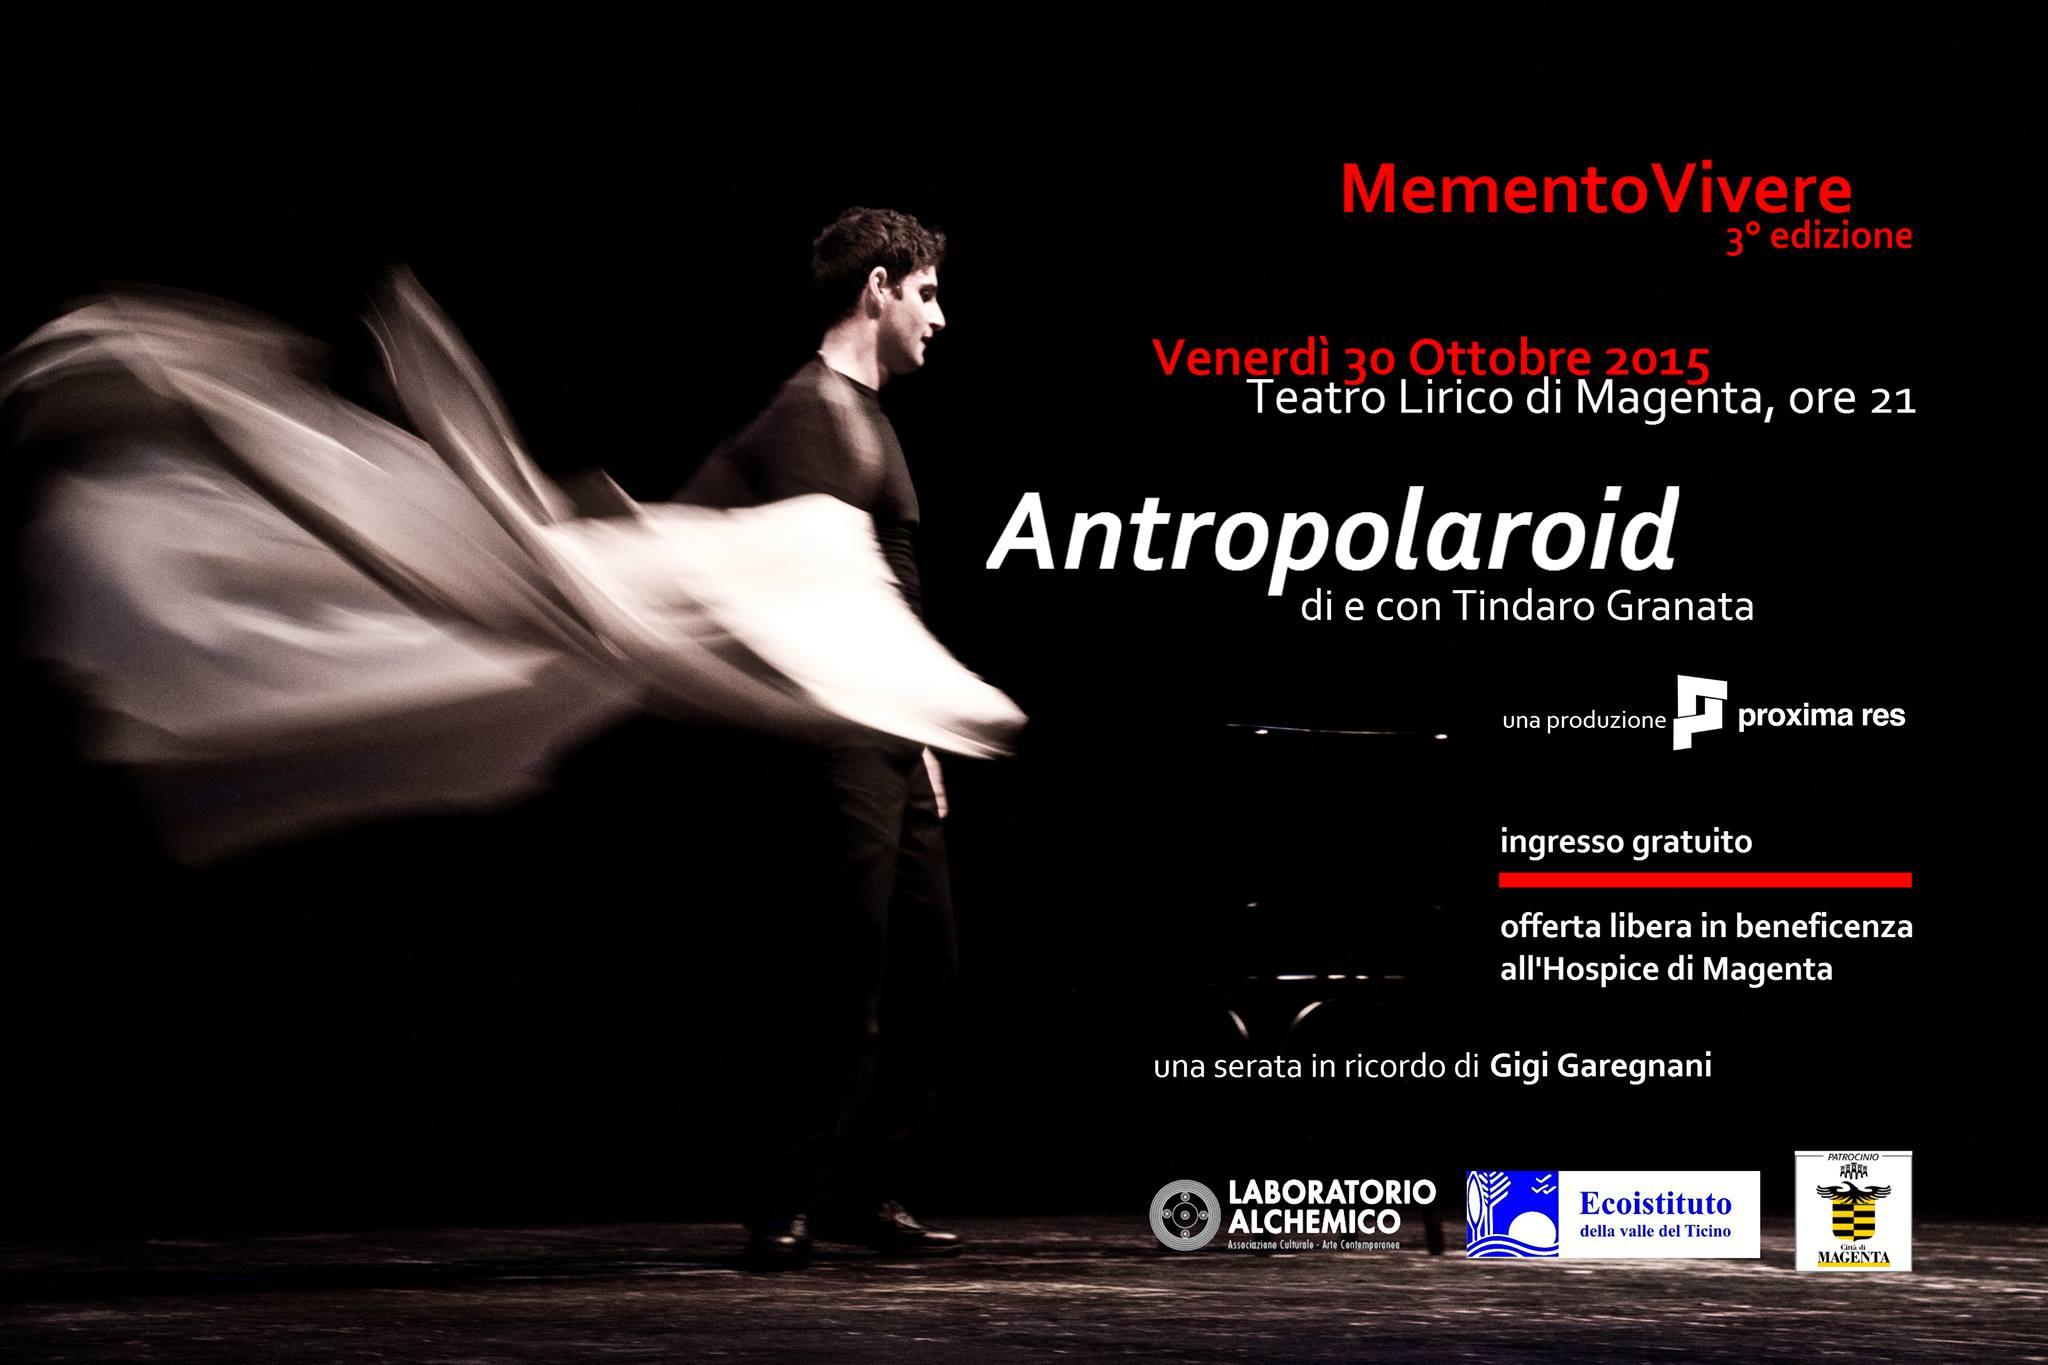 ANTROPOLAROID_MEMENTOVIVERE_30settembreMagenta_Lirico